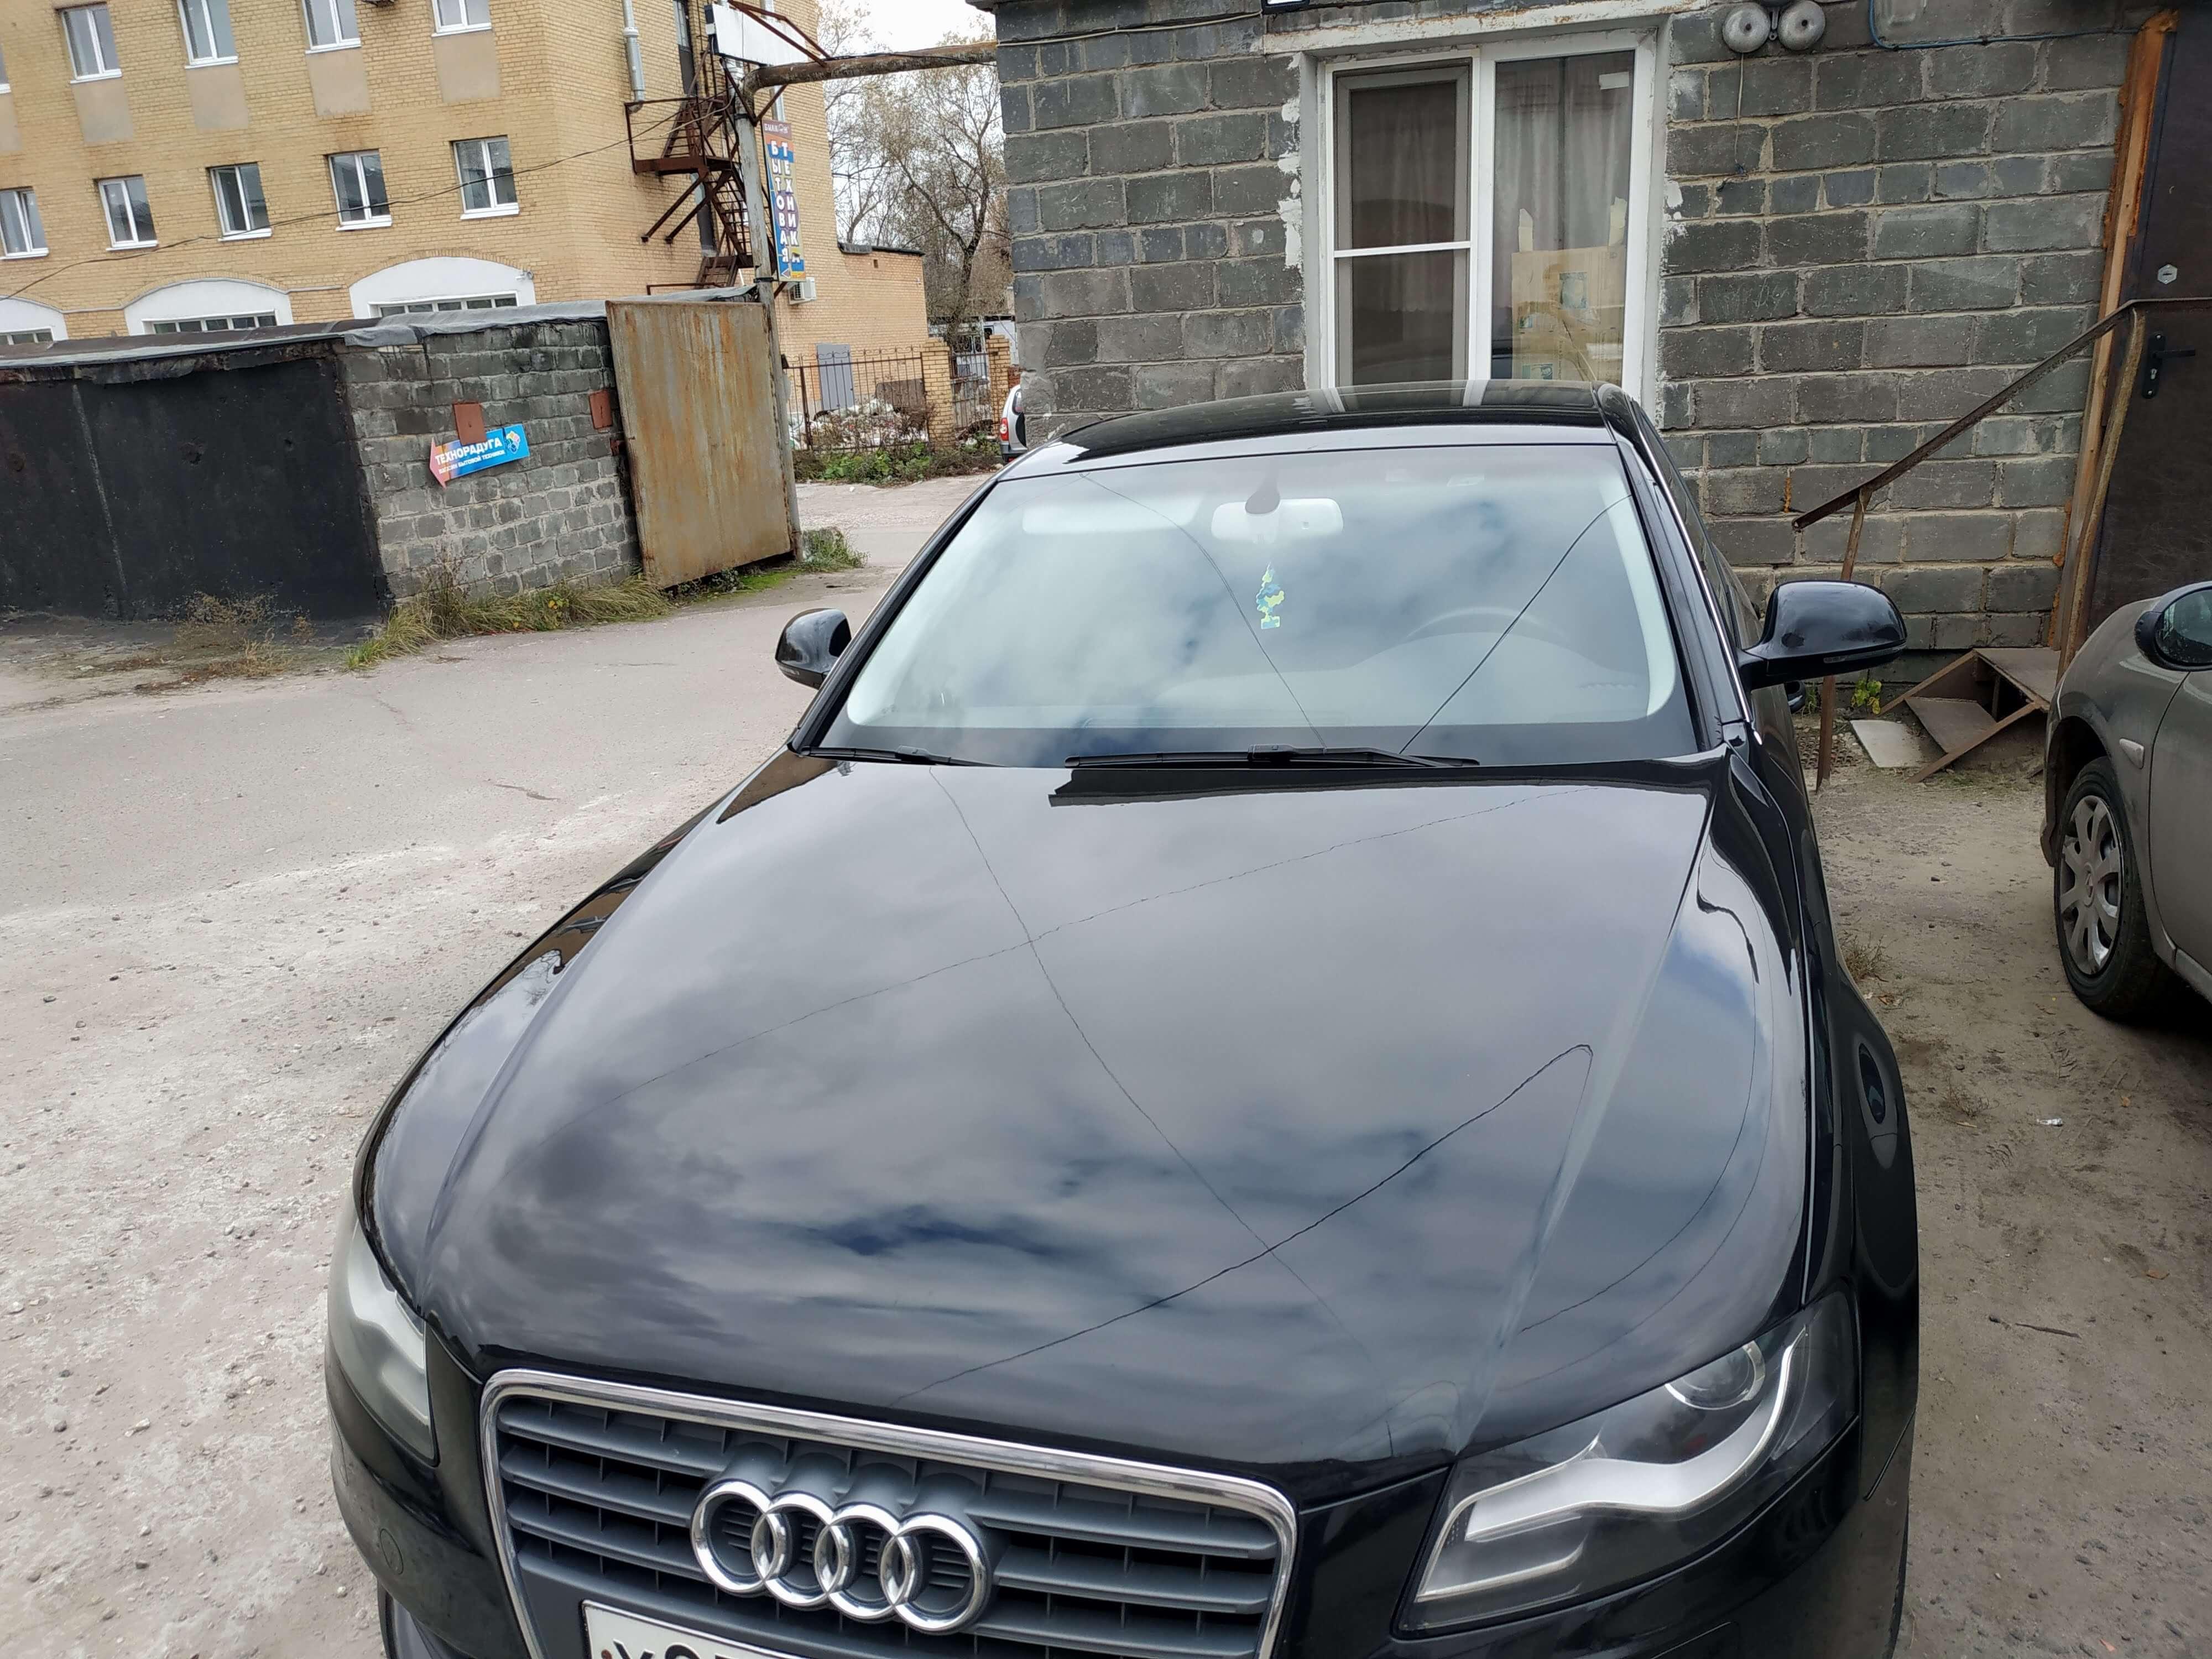 Чип тюнинг Audi A4 B8 1.8TFSI